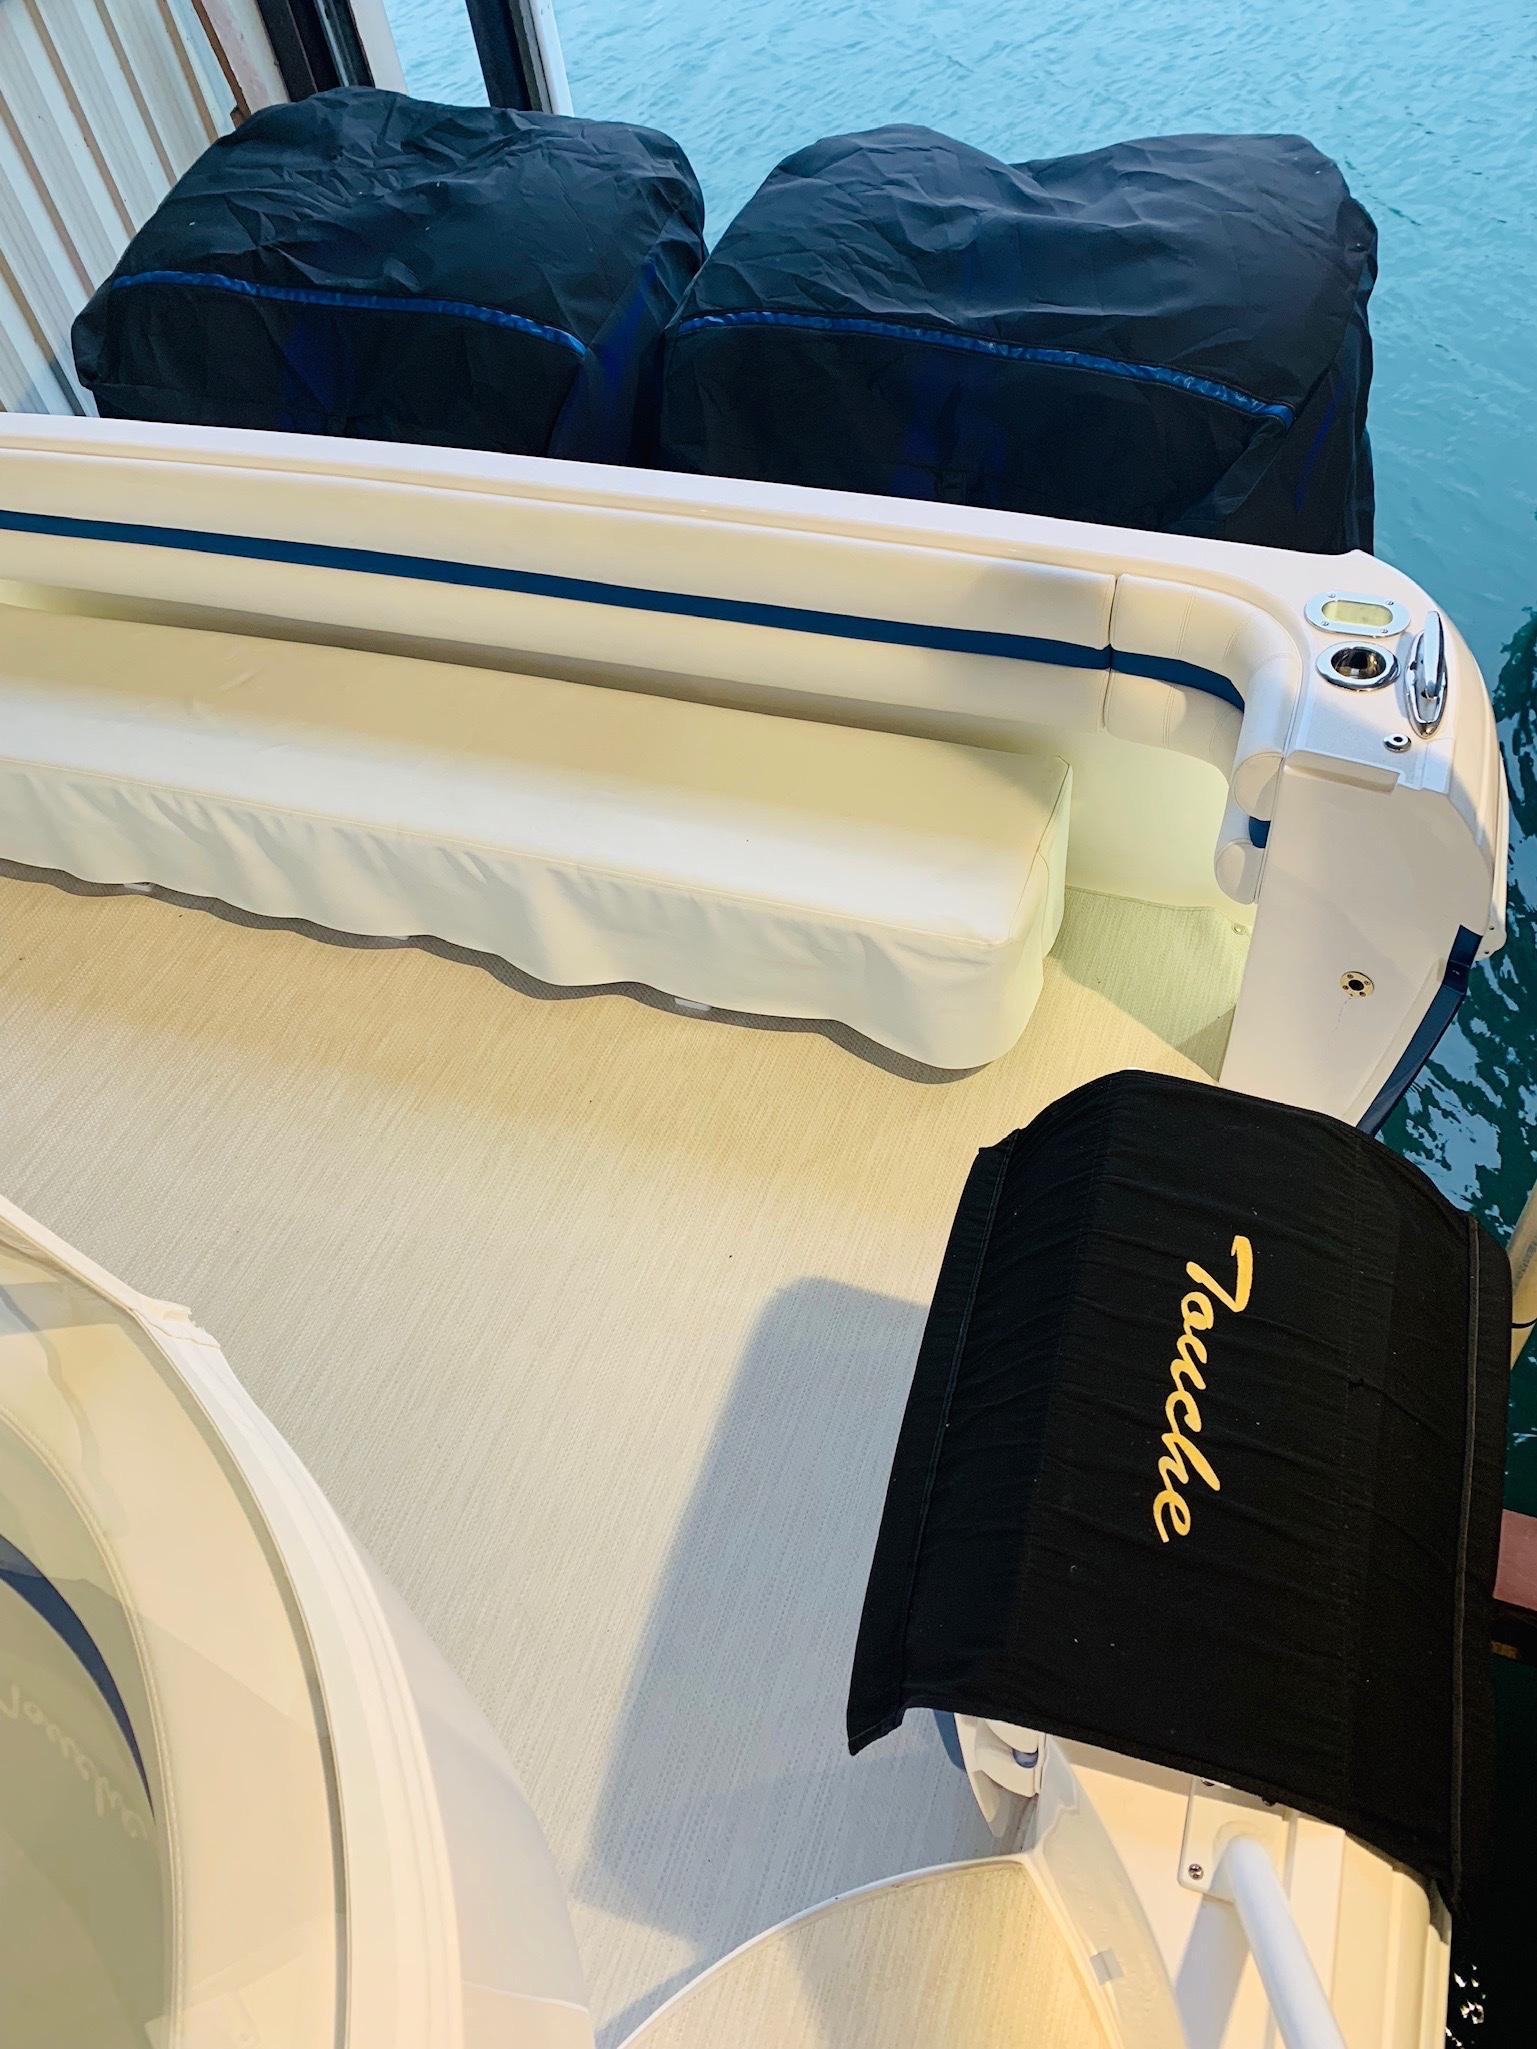 48 Intrepid Port Side Cockpit